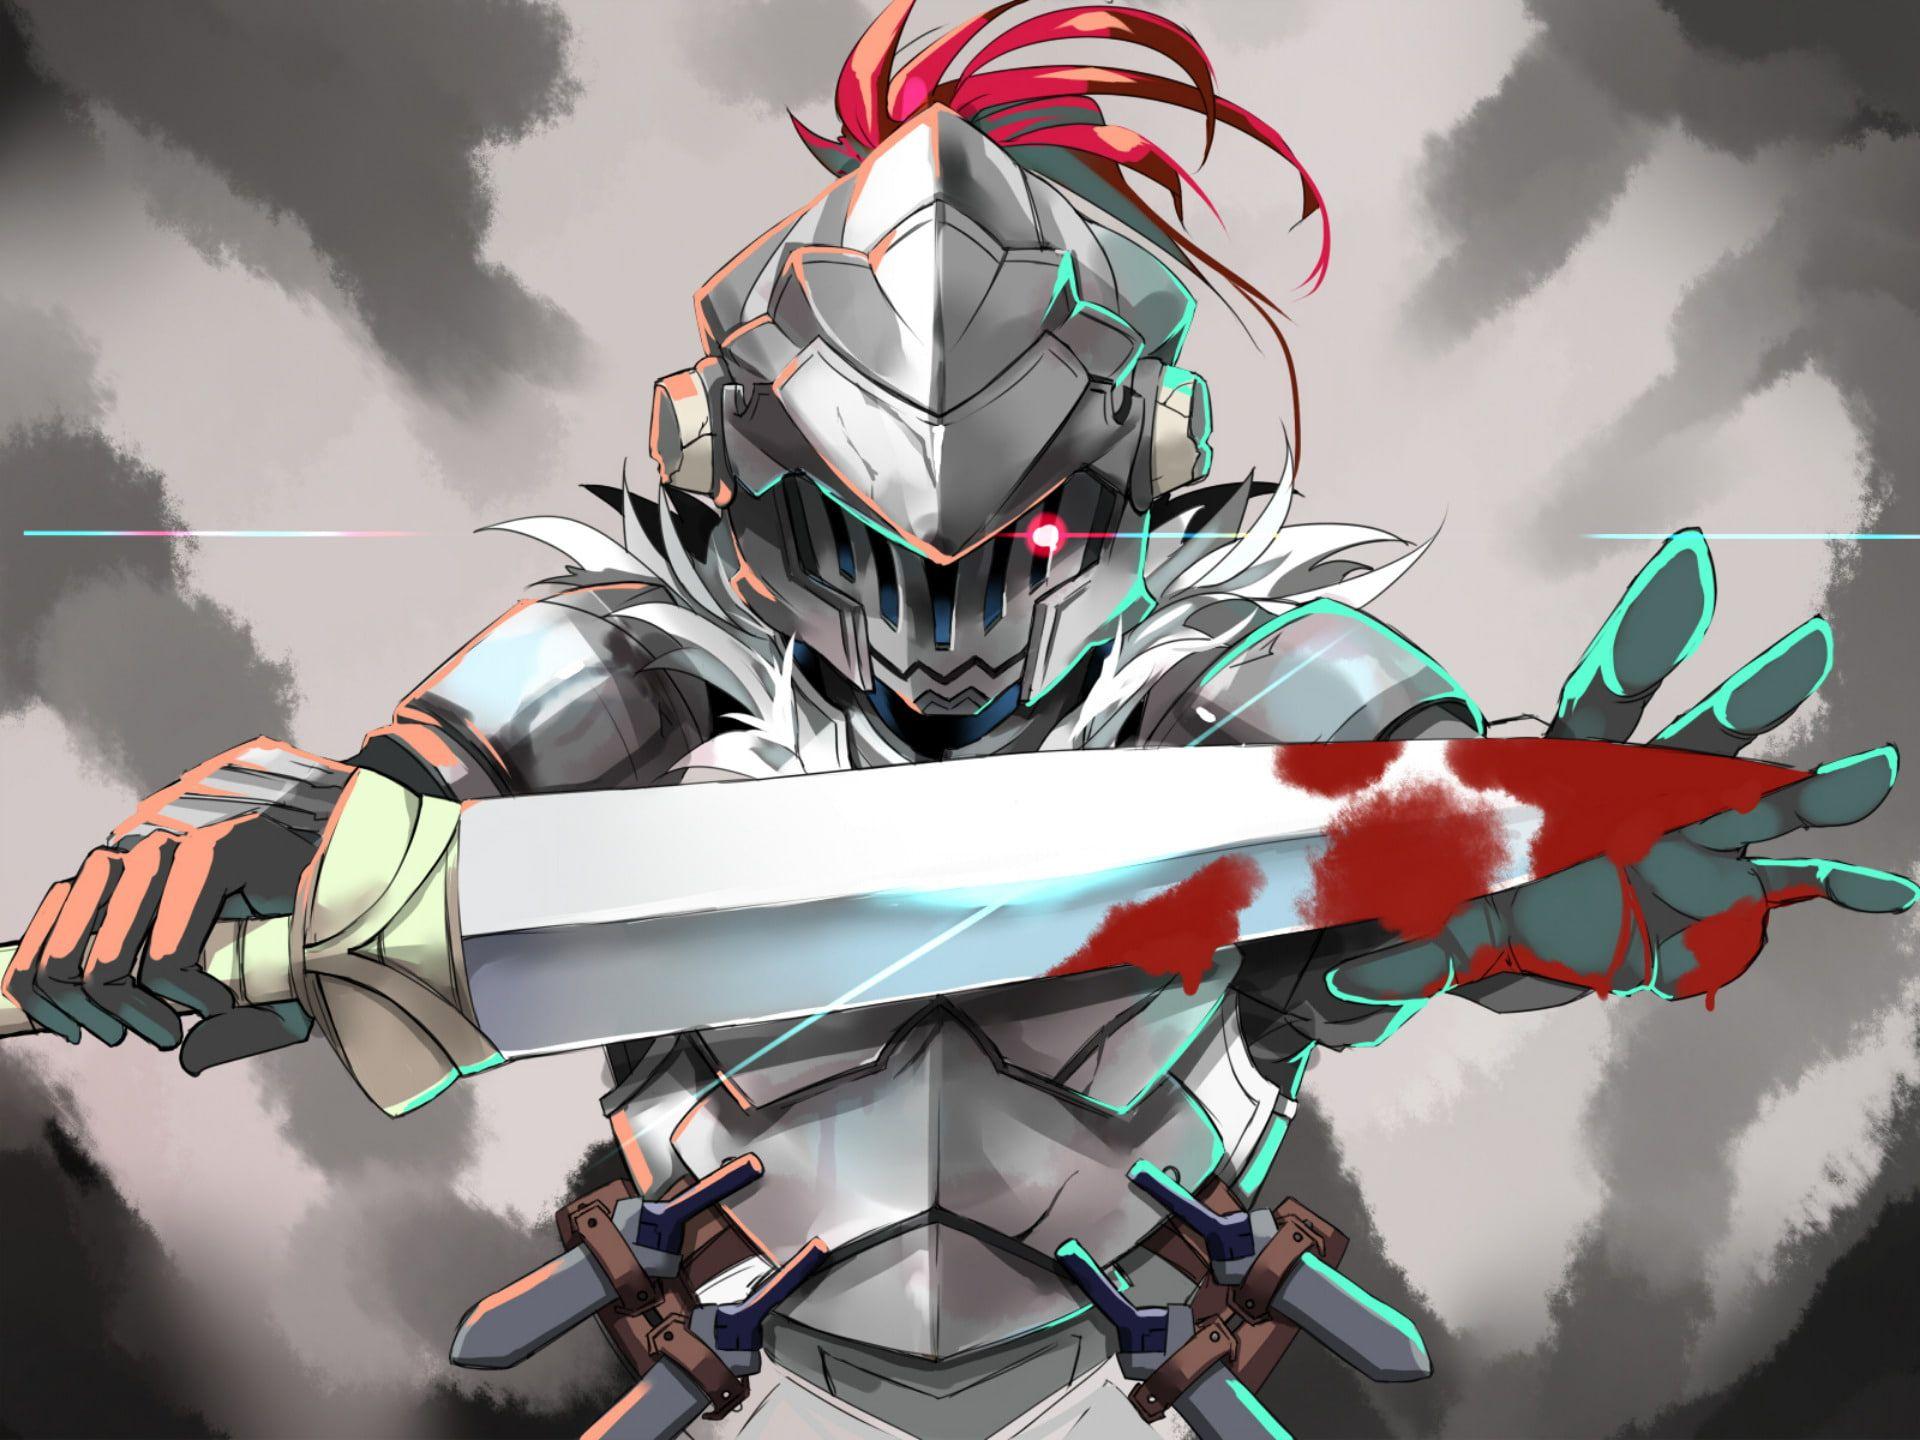 Anime Goblin Slayer 1080p Wallpaper Hdwallpaper Desktop Slayer Goblin Slayer Anime